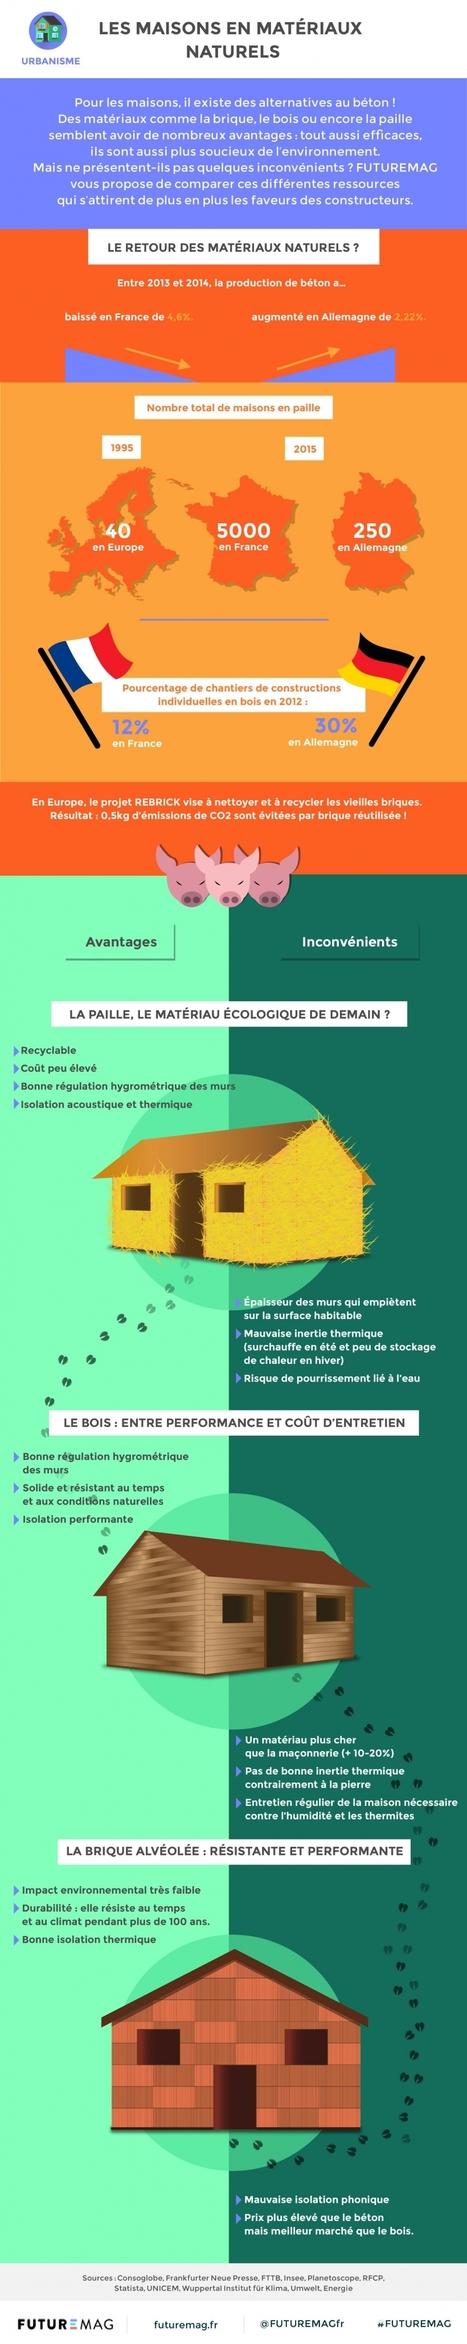 Les maisons en matériaux naturels   Les infographies !   Scoop.it